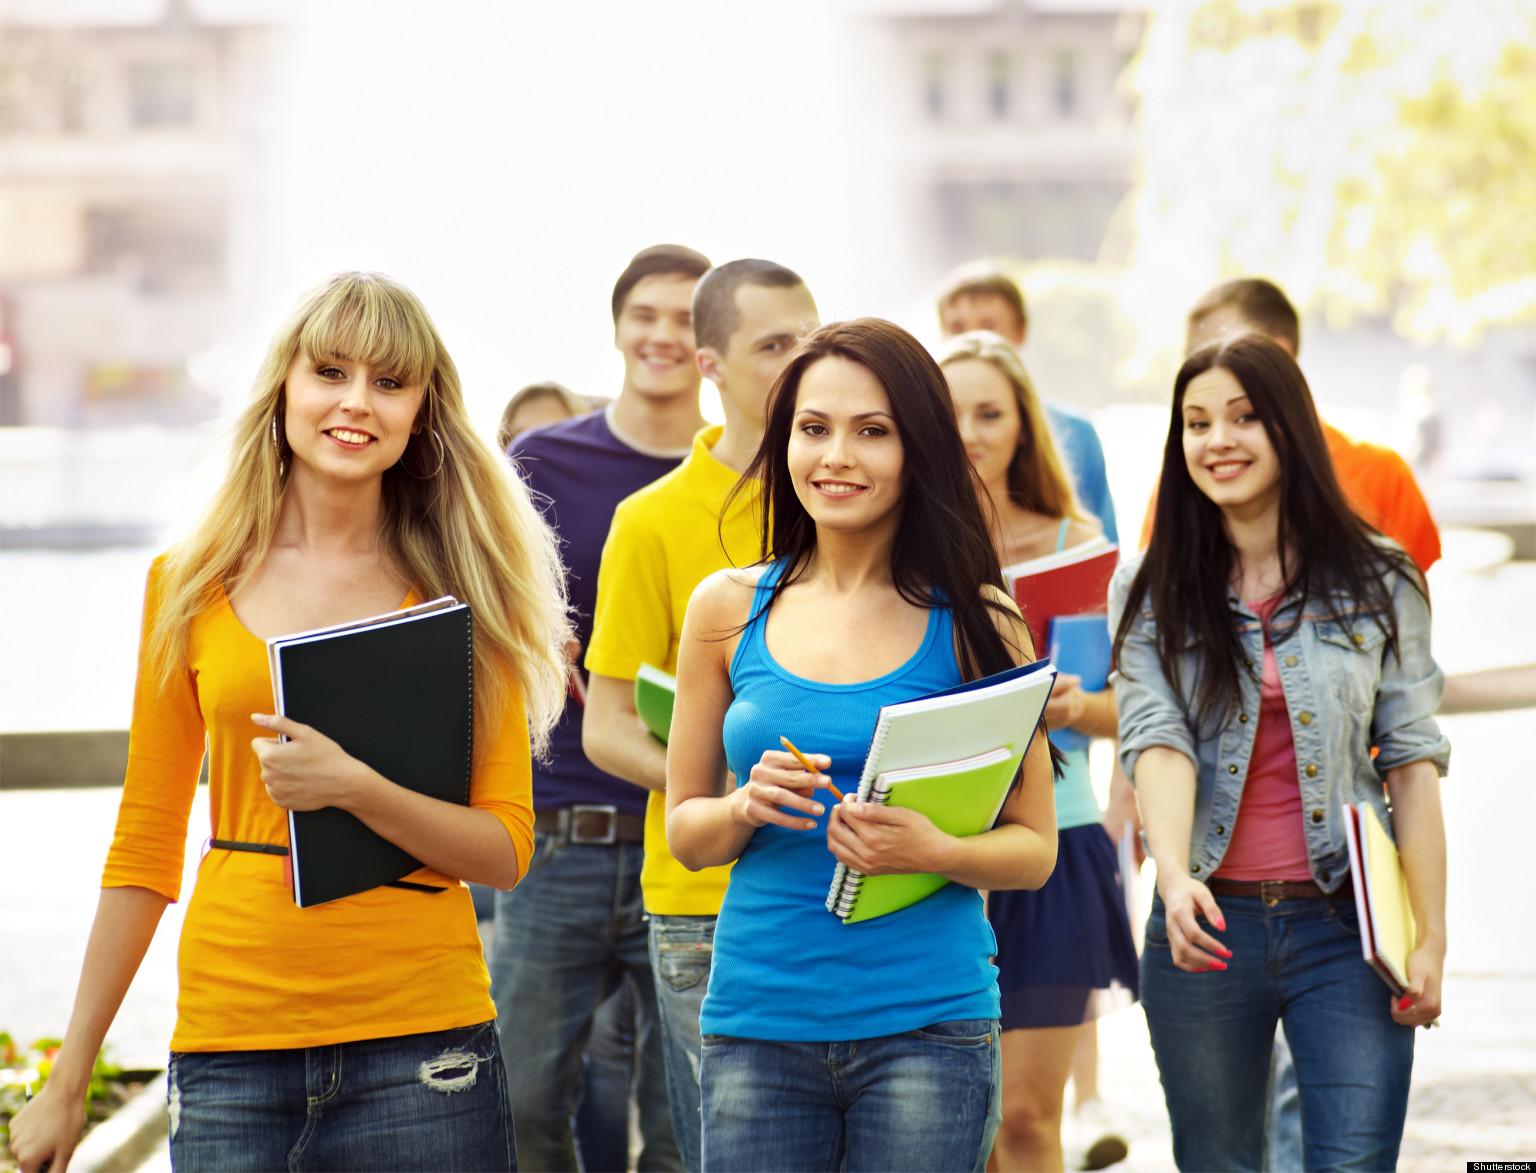 Kehidupan Mahasiswa di Unibraw Mahal ? Cek Rincian Biaya Hidupnya, Bisa Hemat Kok!